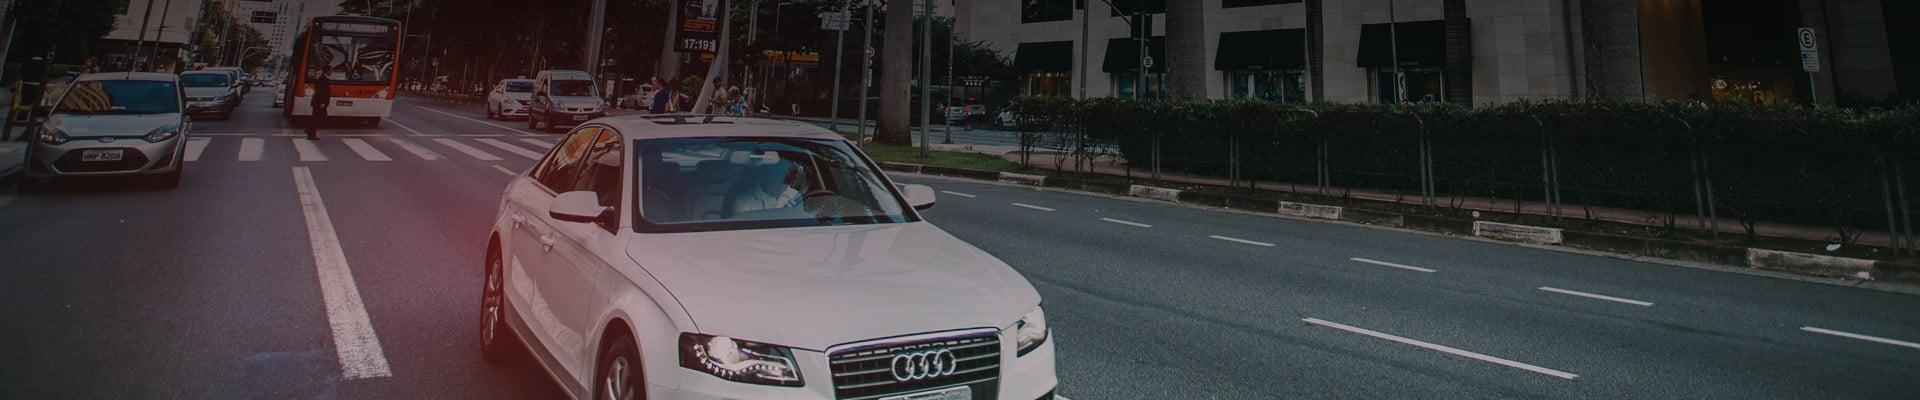 רכב אאודי נוסע על כביש עירוני